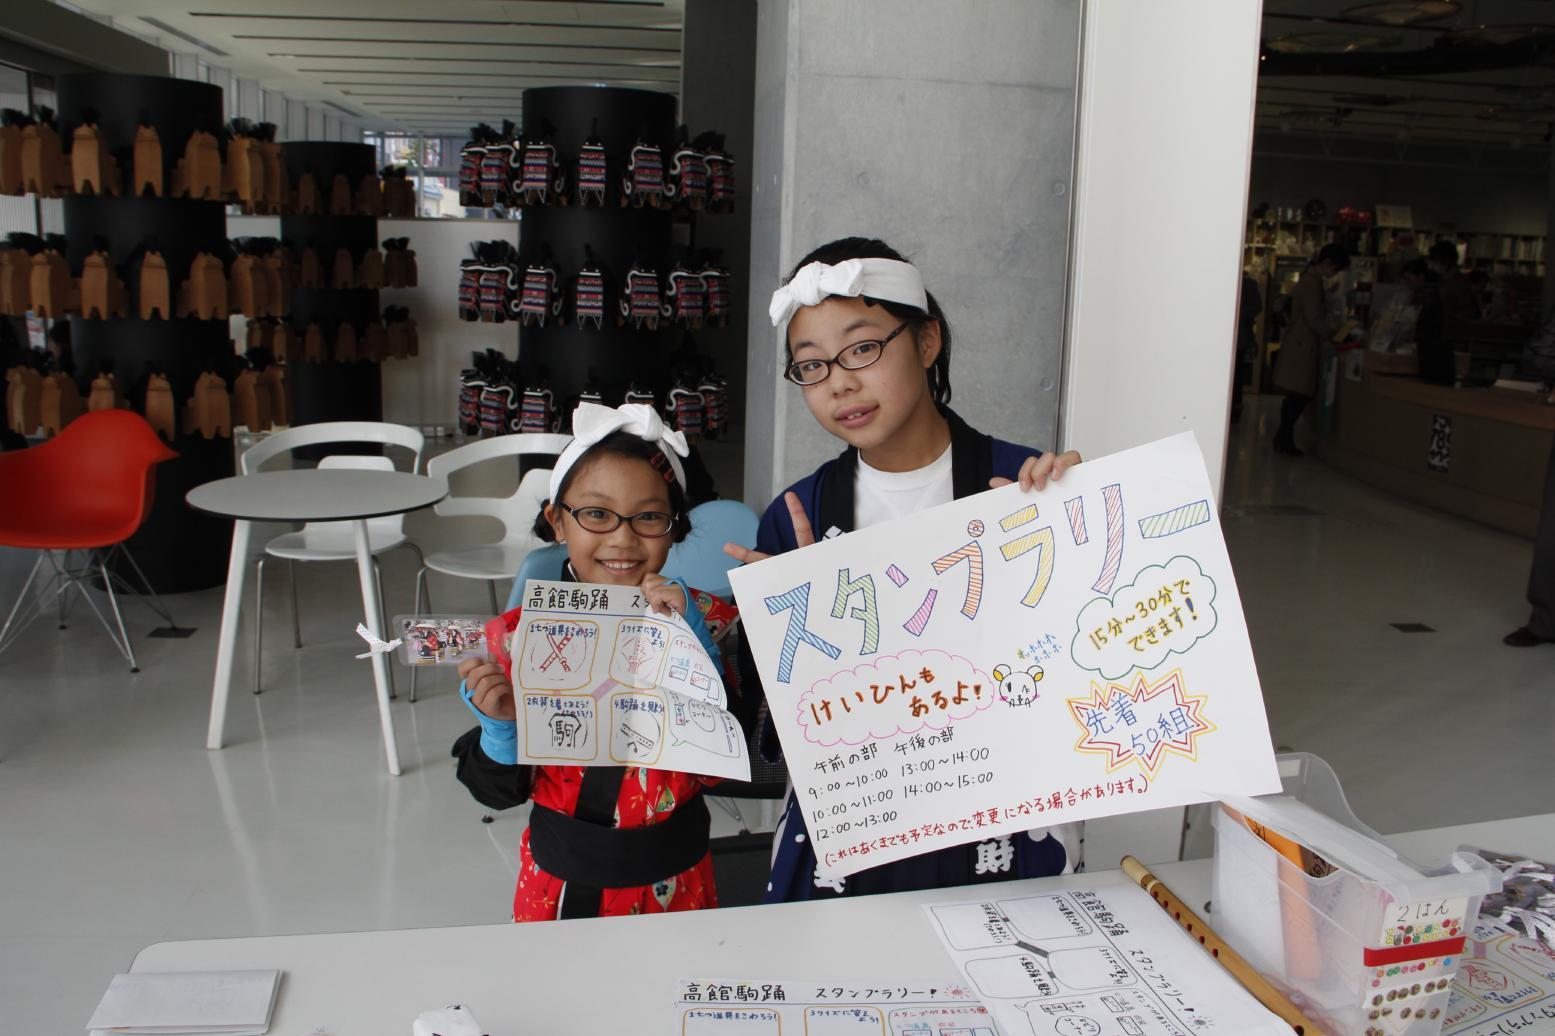 http://hacchi.jp/blog/upload/images/komaodori3.jpg